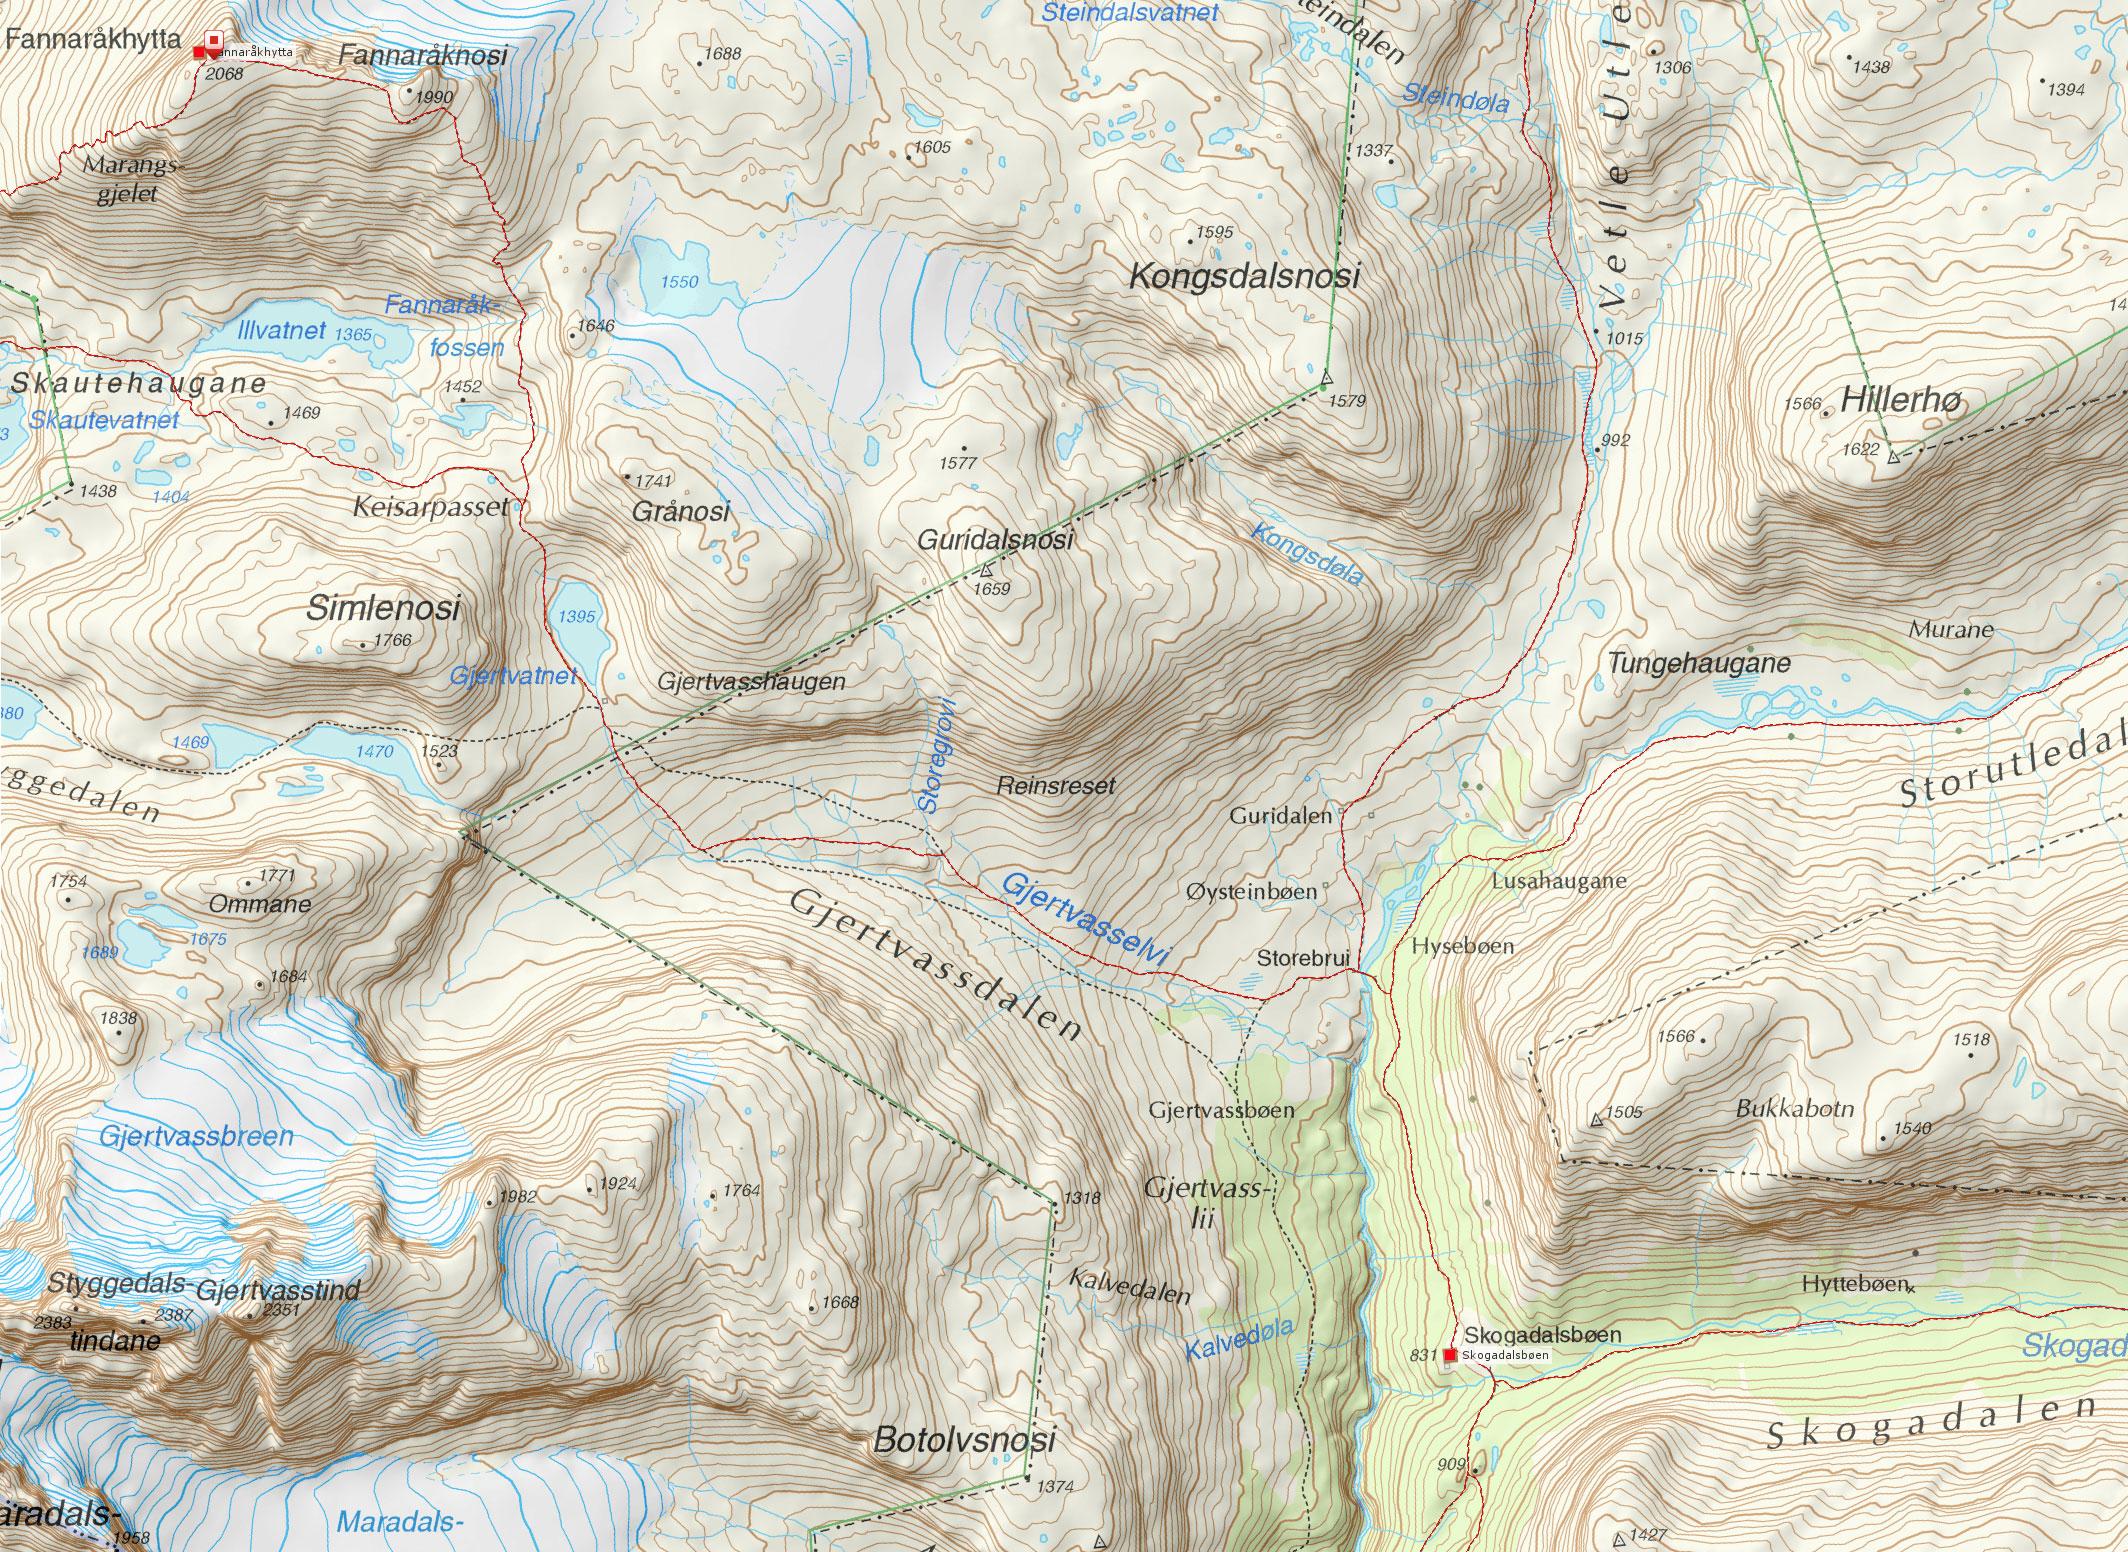 terreng kart norge VANDRINGER I NORGE terreng kart norge